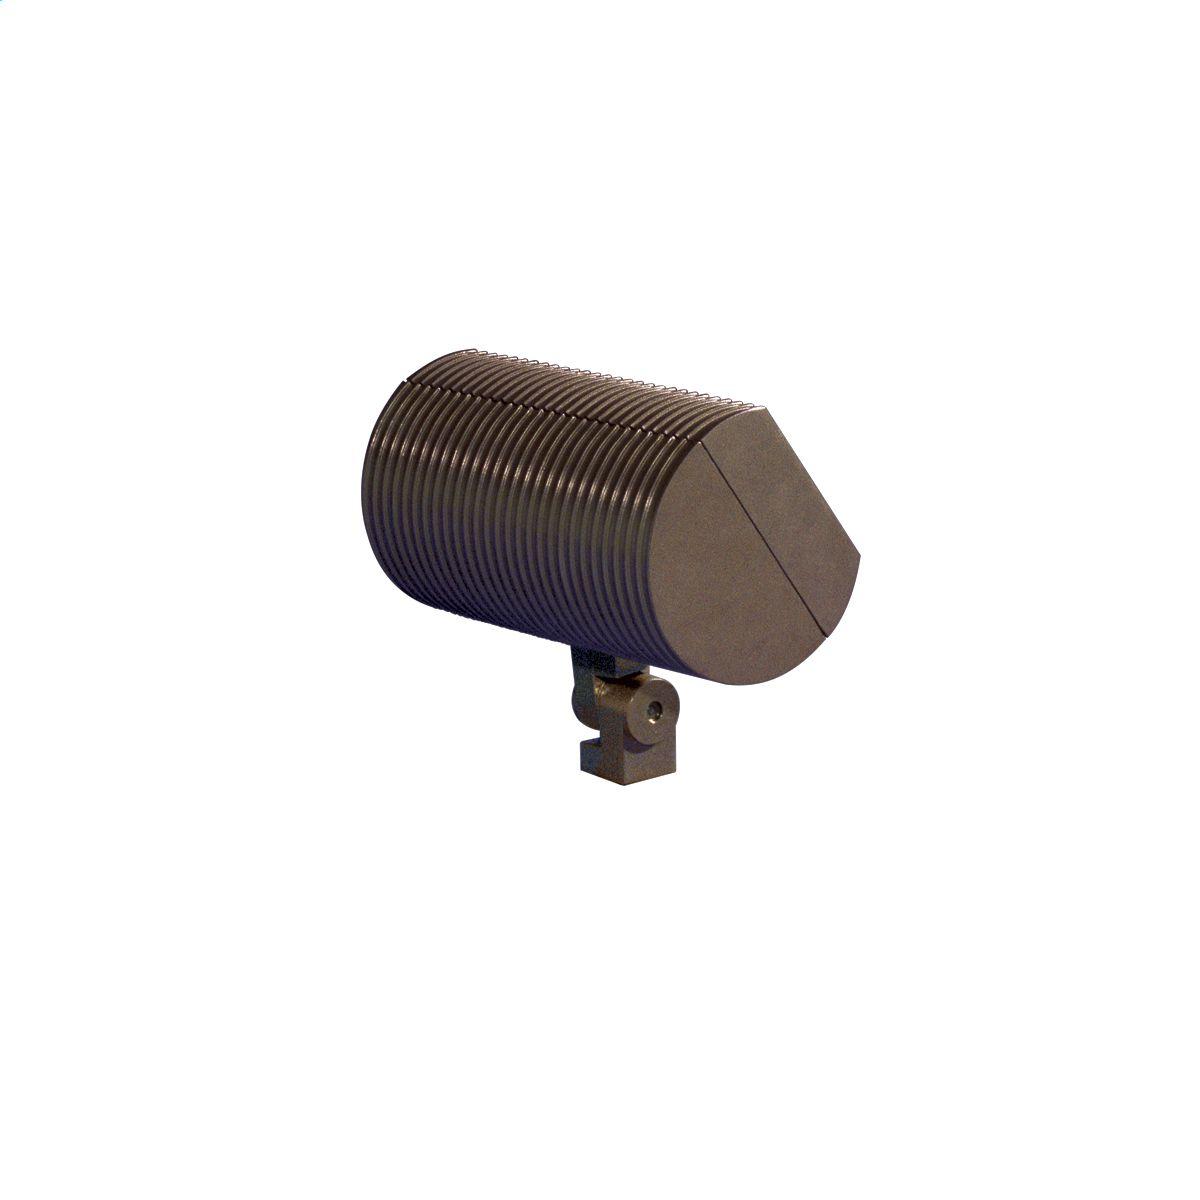 Compact Floodlight Kim Lighting